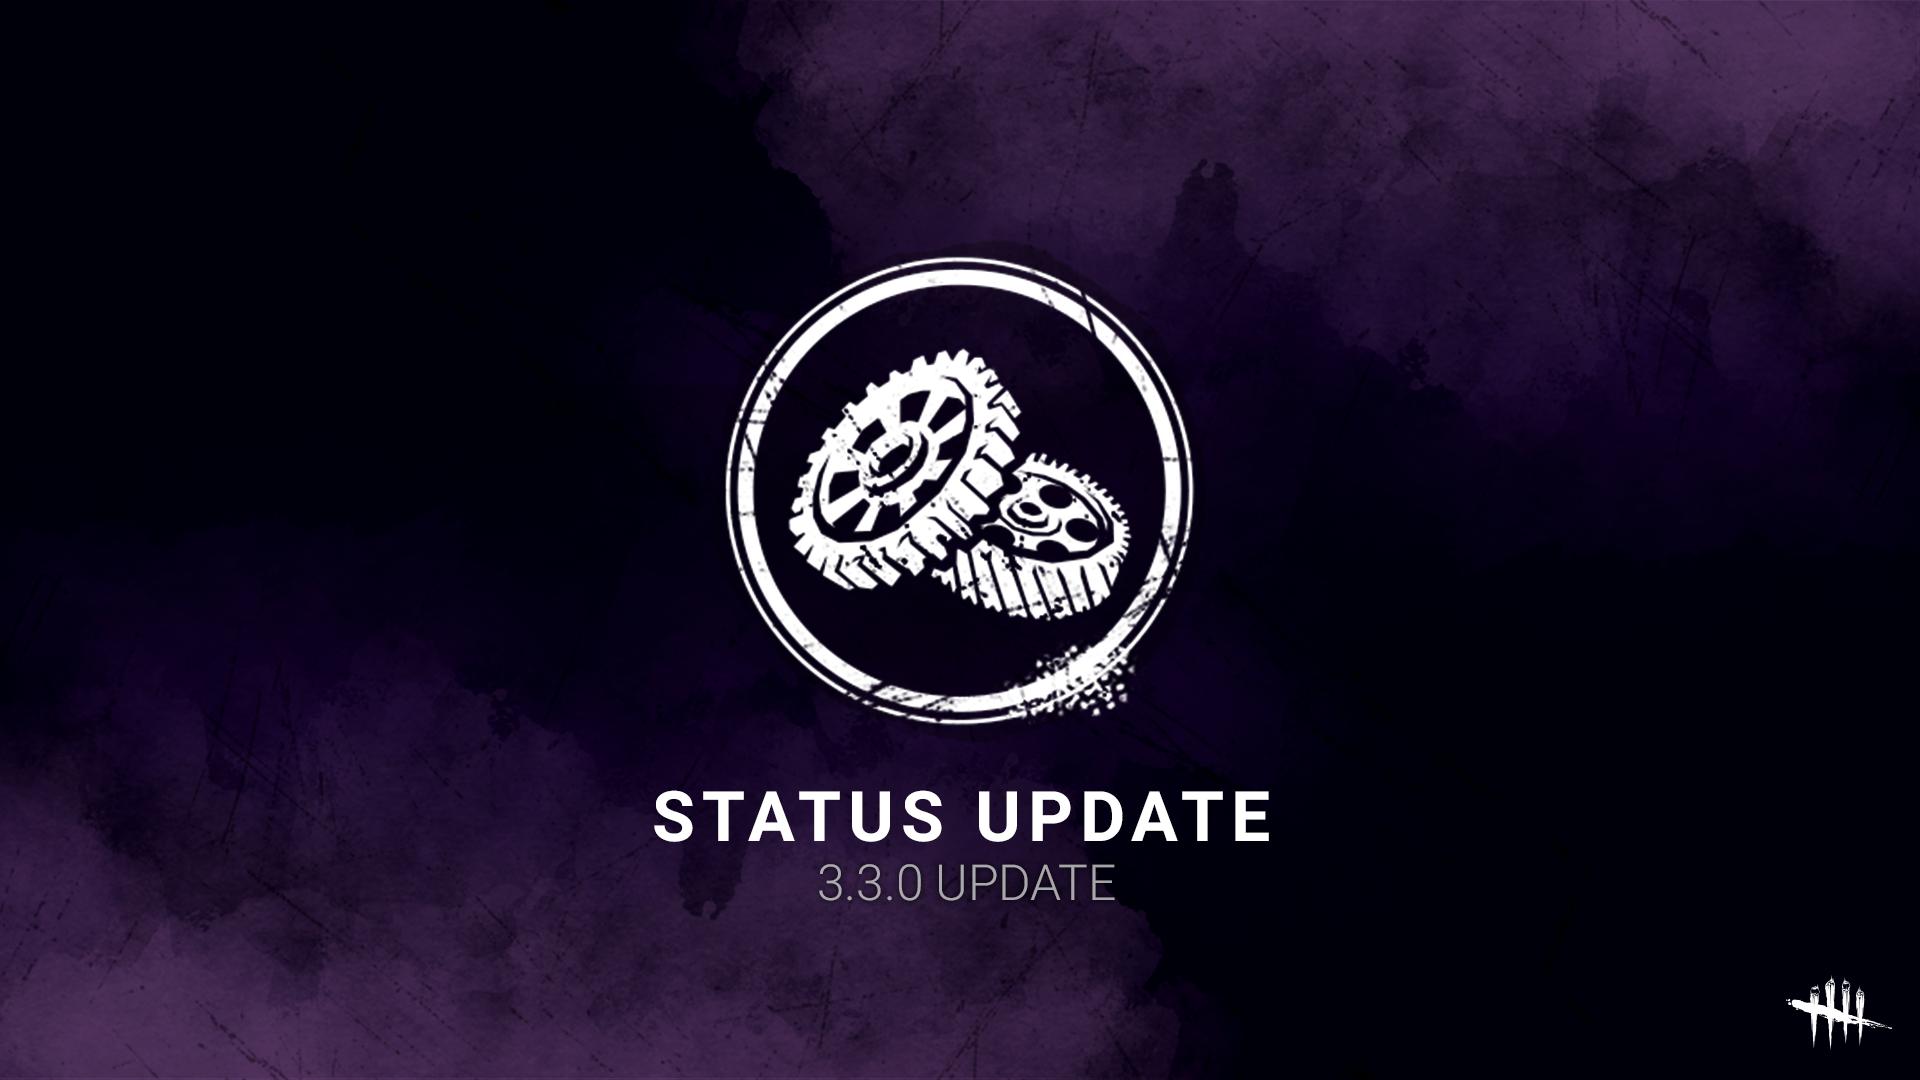 statusupdate.png